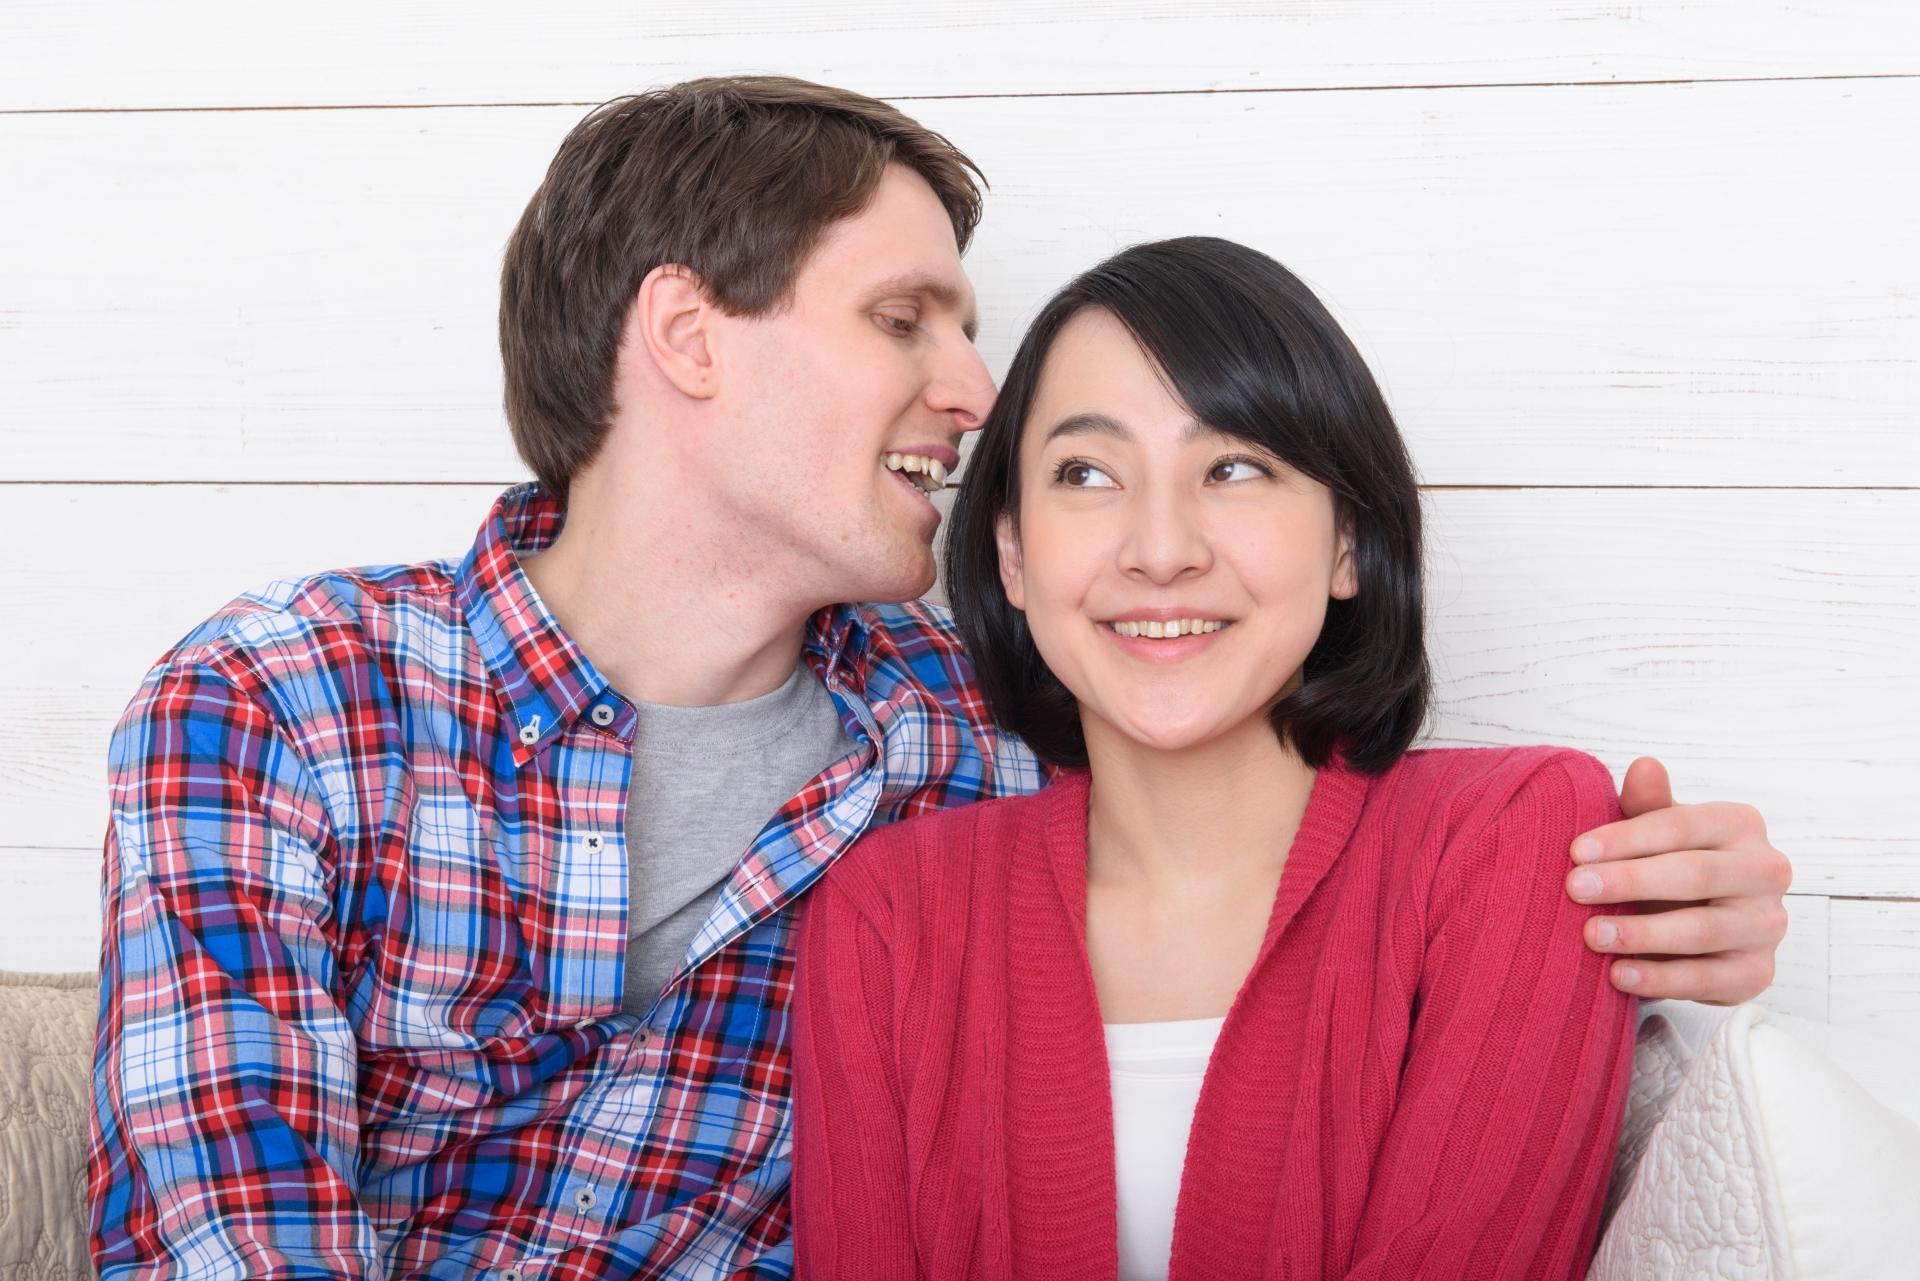 中高年・アラフィフの恋愛が簡単に結婚っていうことにはならない事情